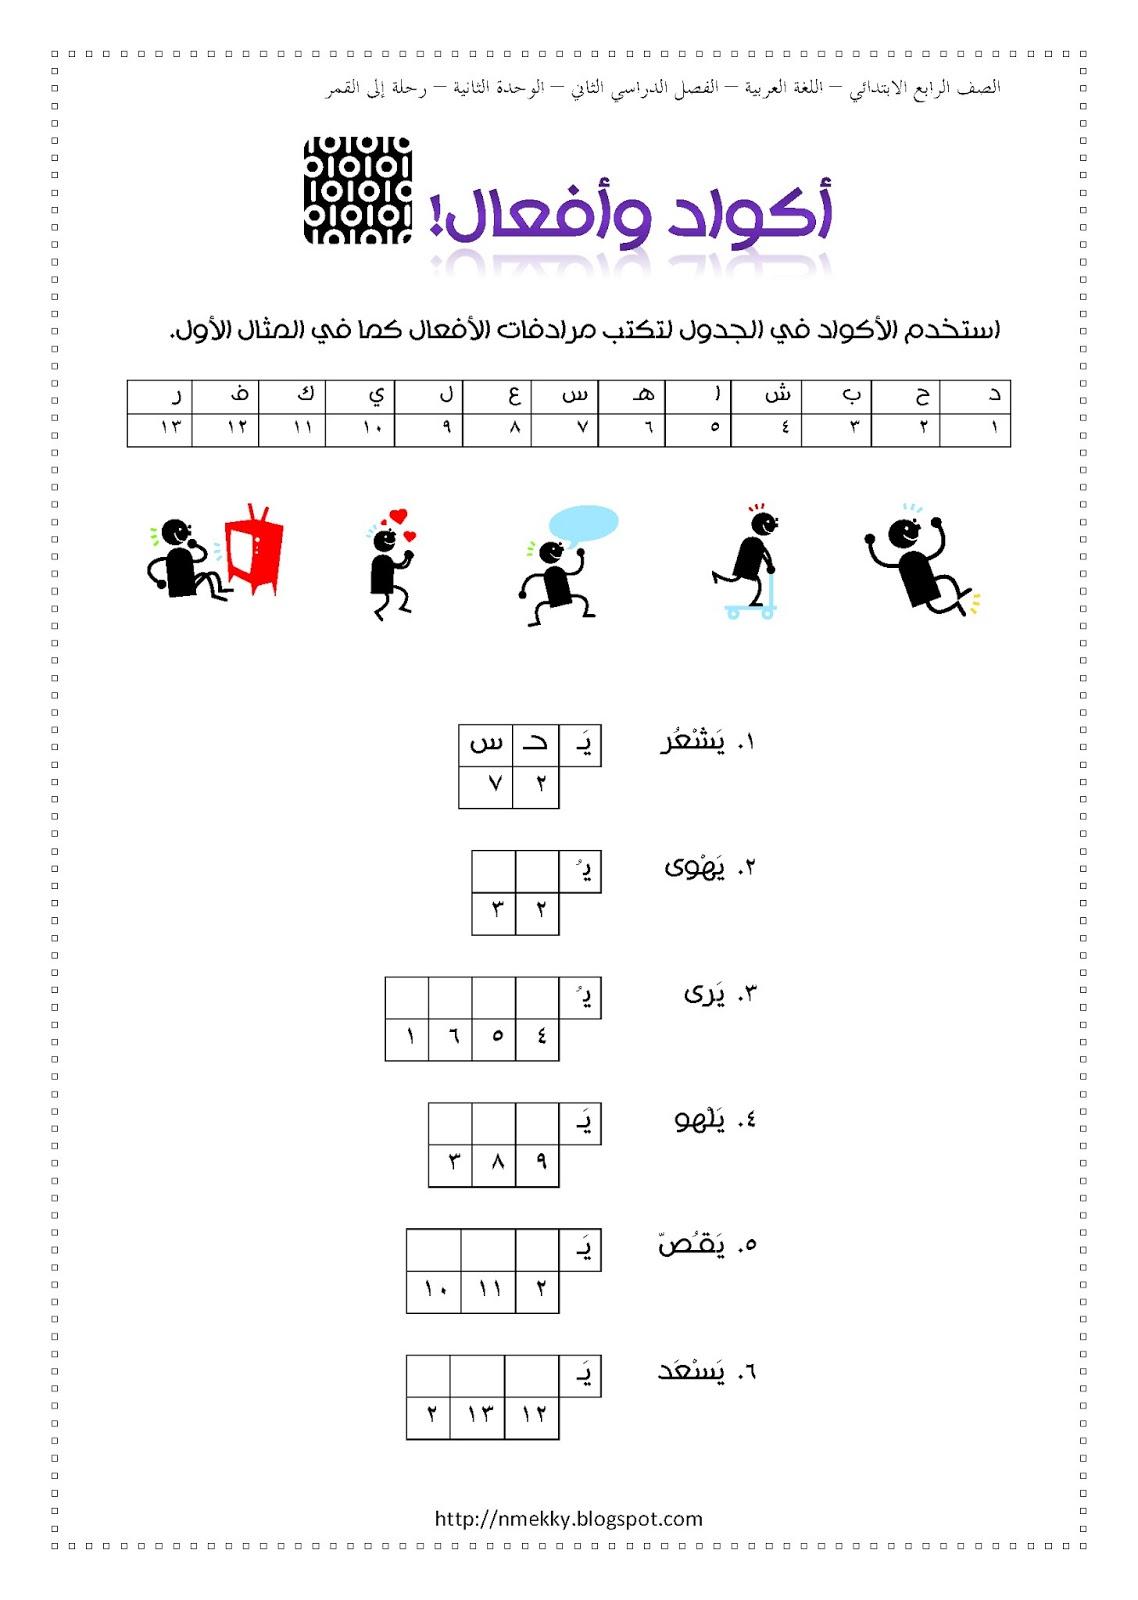 Nermeen S Blog Arabic Worksheets